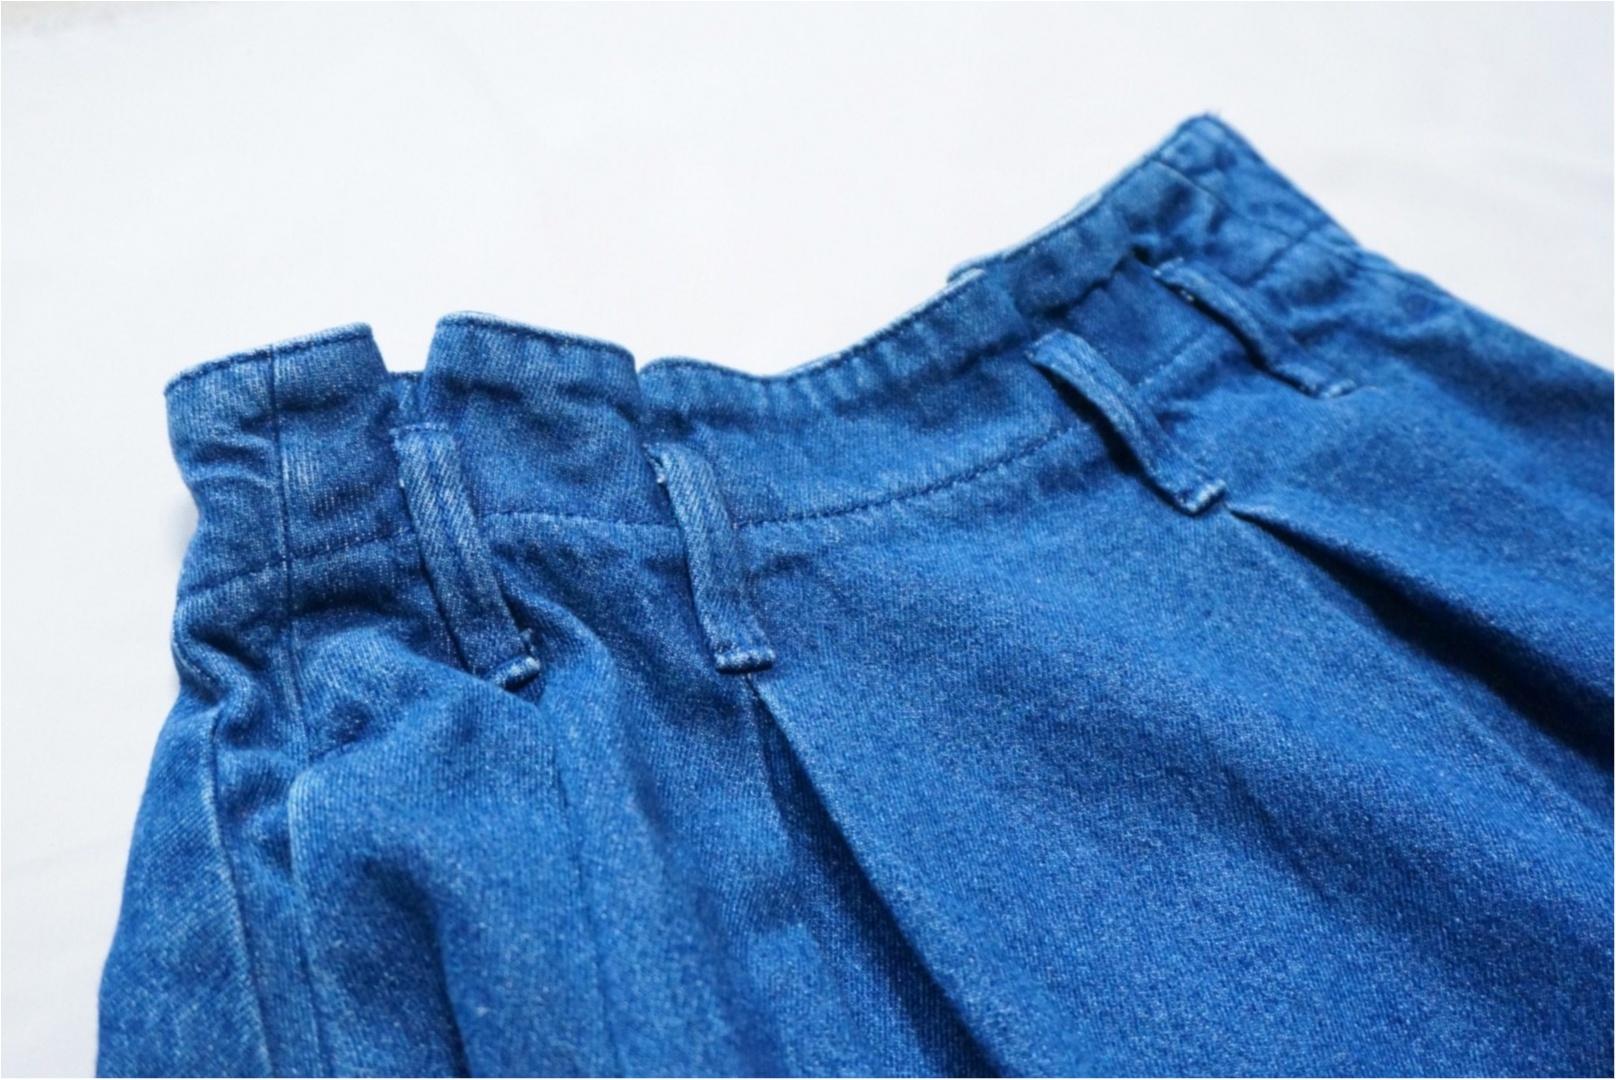 《カジュアルなのに可愛く決まる‼︎》春にしたいデニムコーデは【GU】で決まり♪大人可愛い『デニムフレアスカート』がめっちゃ使える♡_2